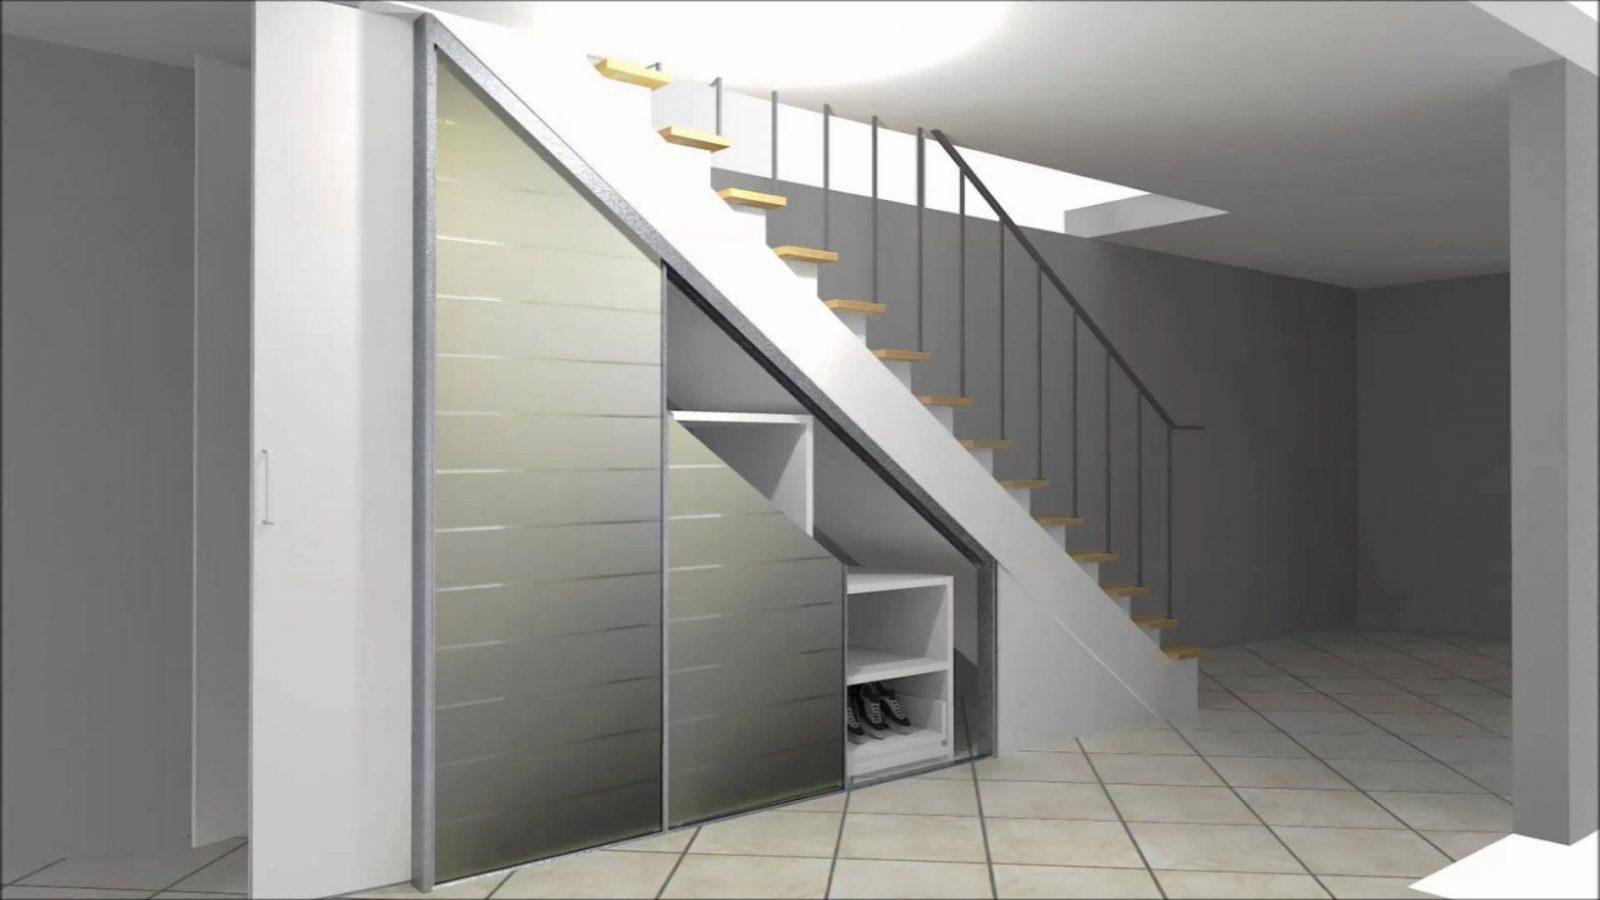 Cabinet Einbauschrank Zur Nutzung Von Stauraum Unter Einer Treppe von Schrank Unter Treppe Selber Bauen Bild